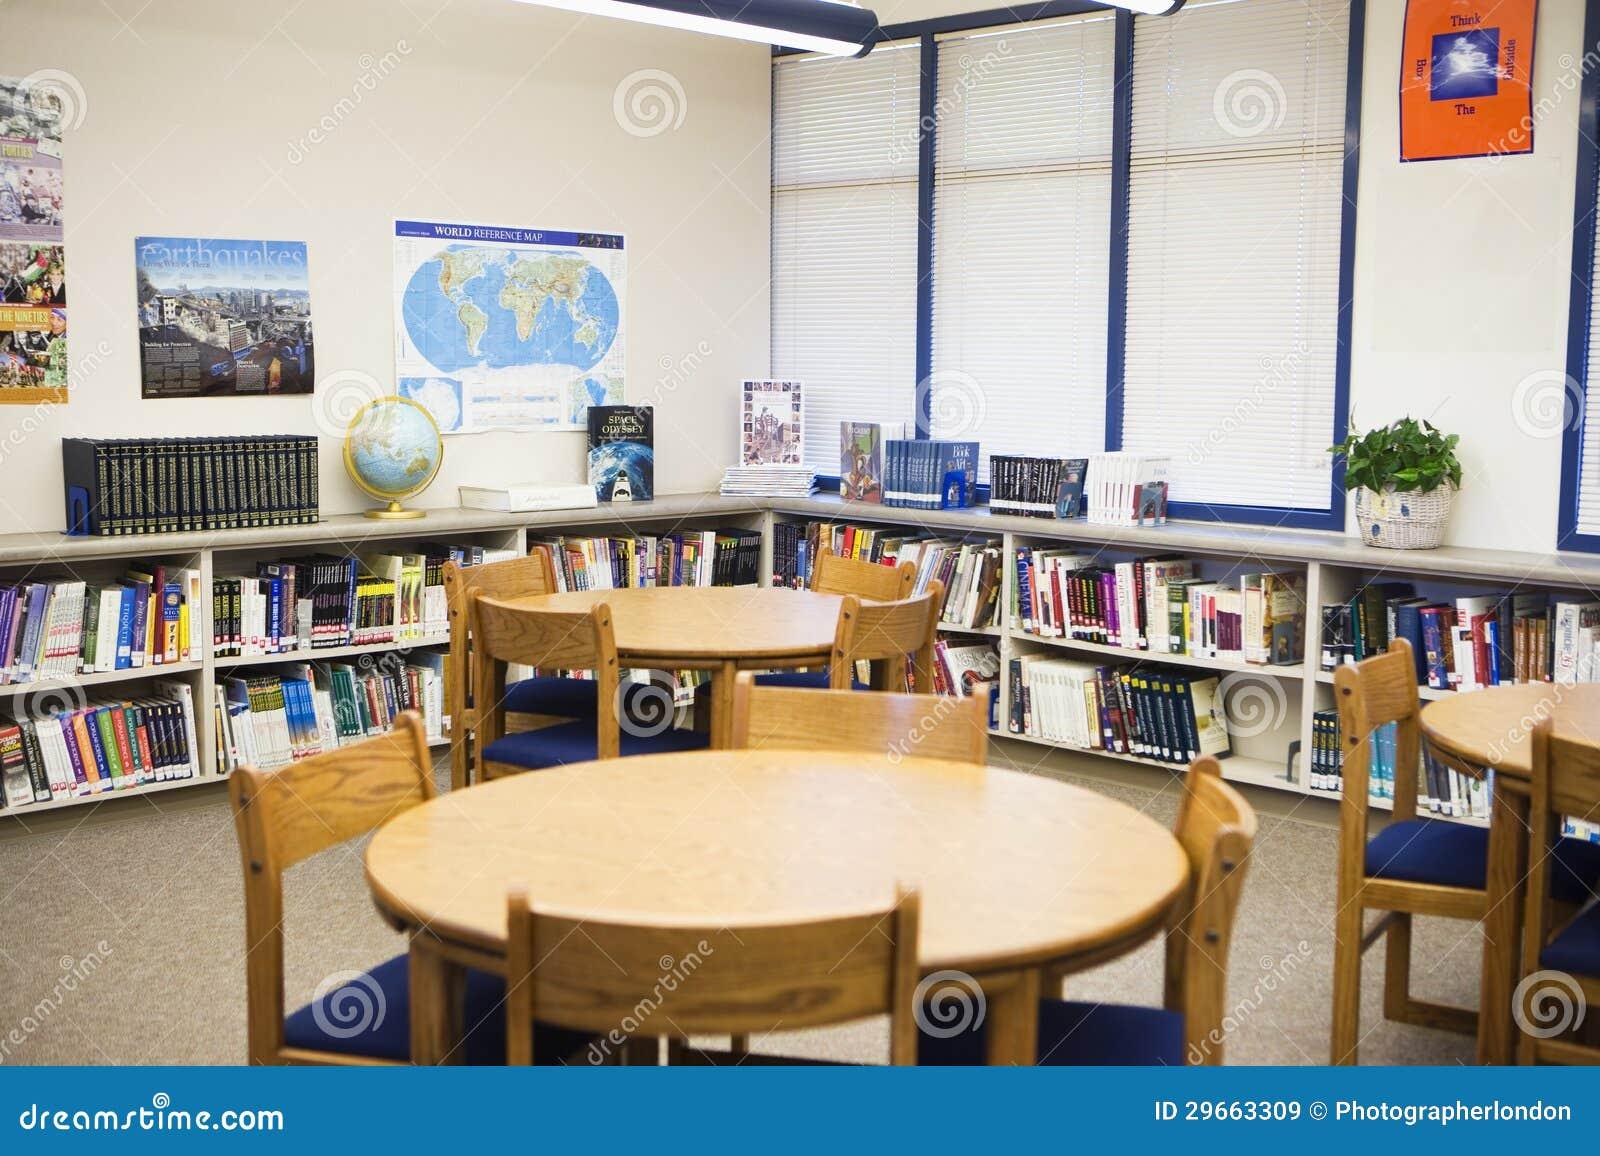 在高中图书馆里和家具安排的书